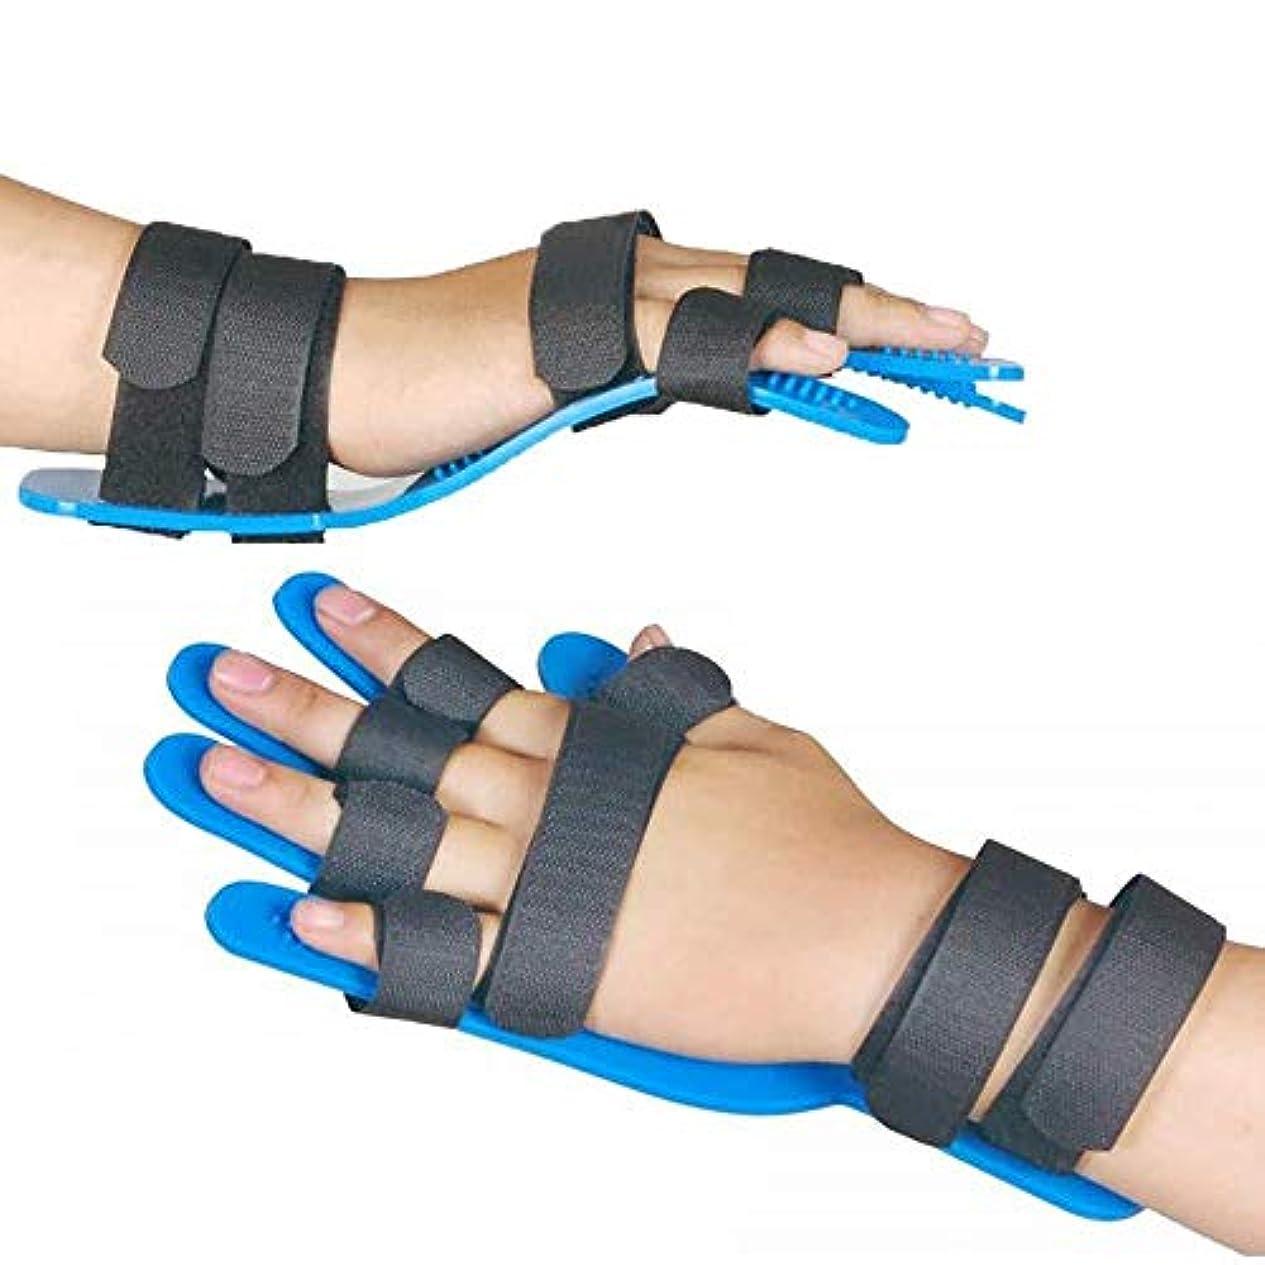 ゆり徐々に前兆指の損傷のサポート、関節炎リハビリテーションのエクササイズツール、中立手首のサポート装具のサポート,1PCS